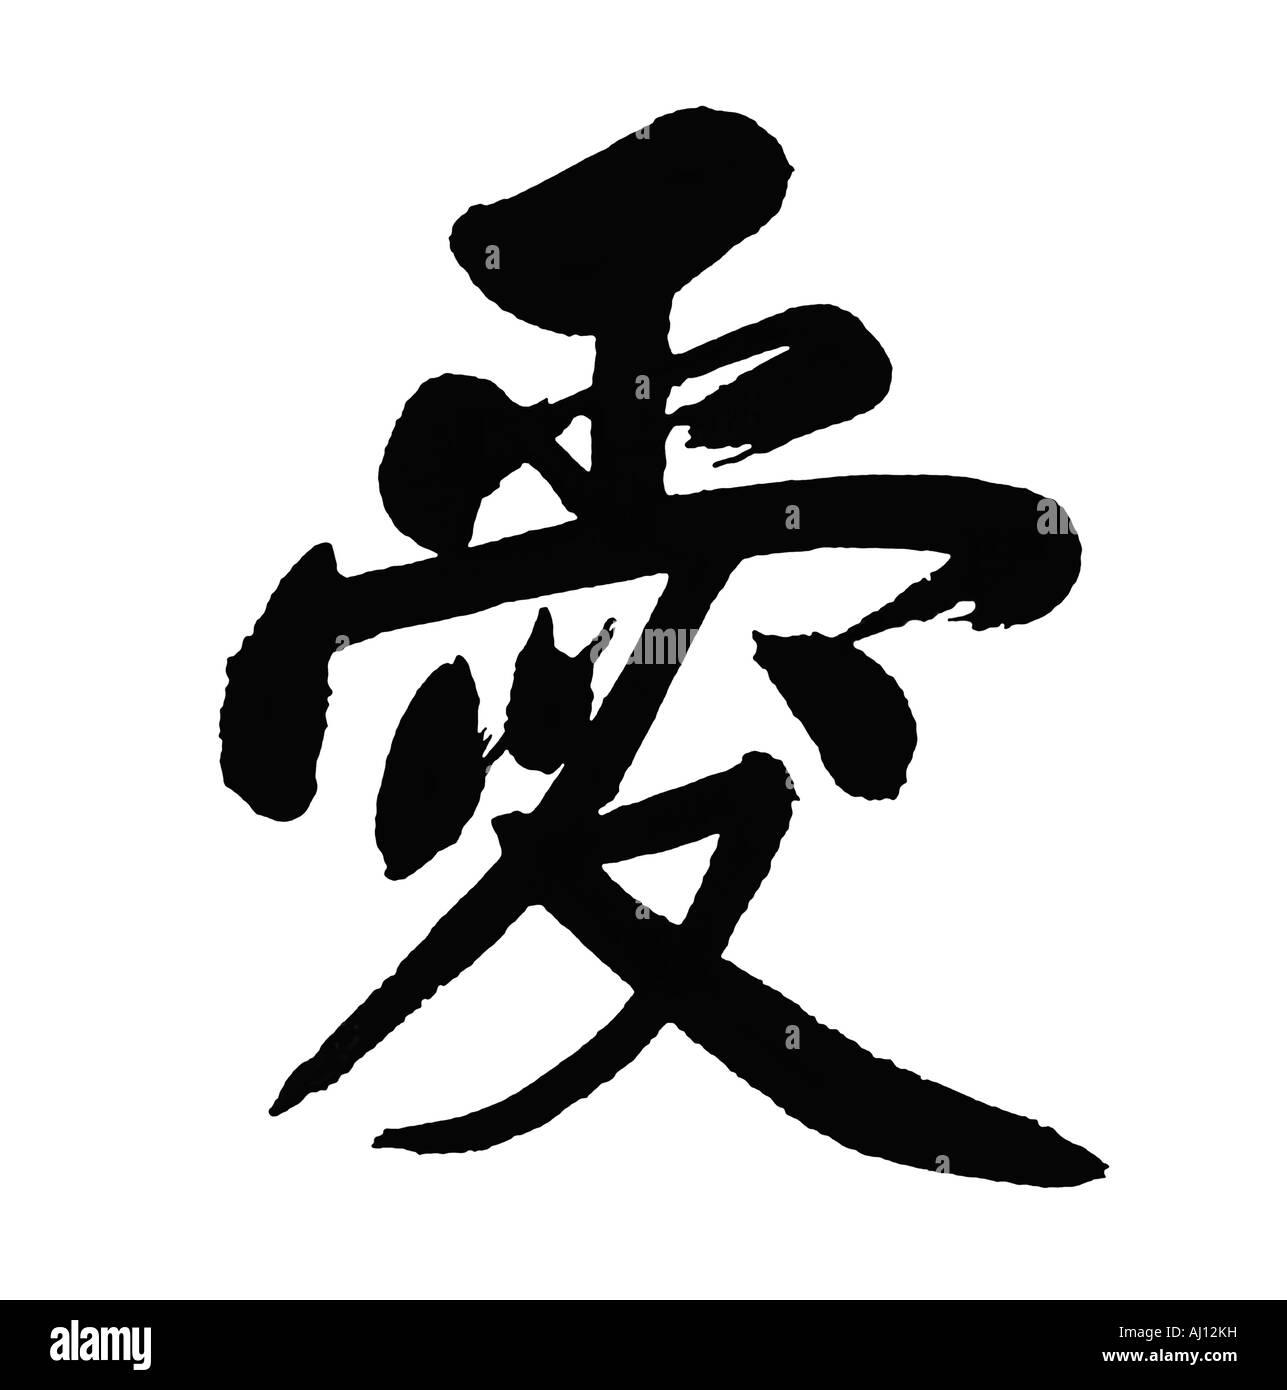 Liebe - chinesische Schrift Stockfoto